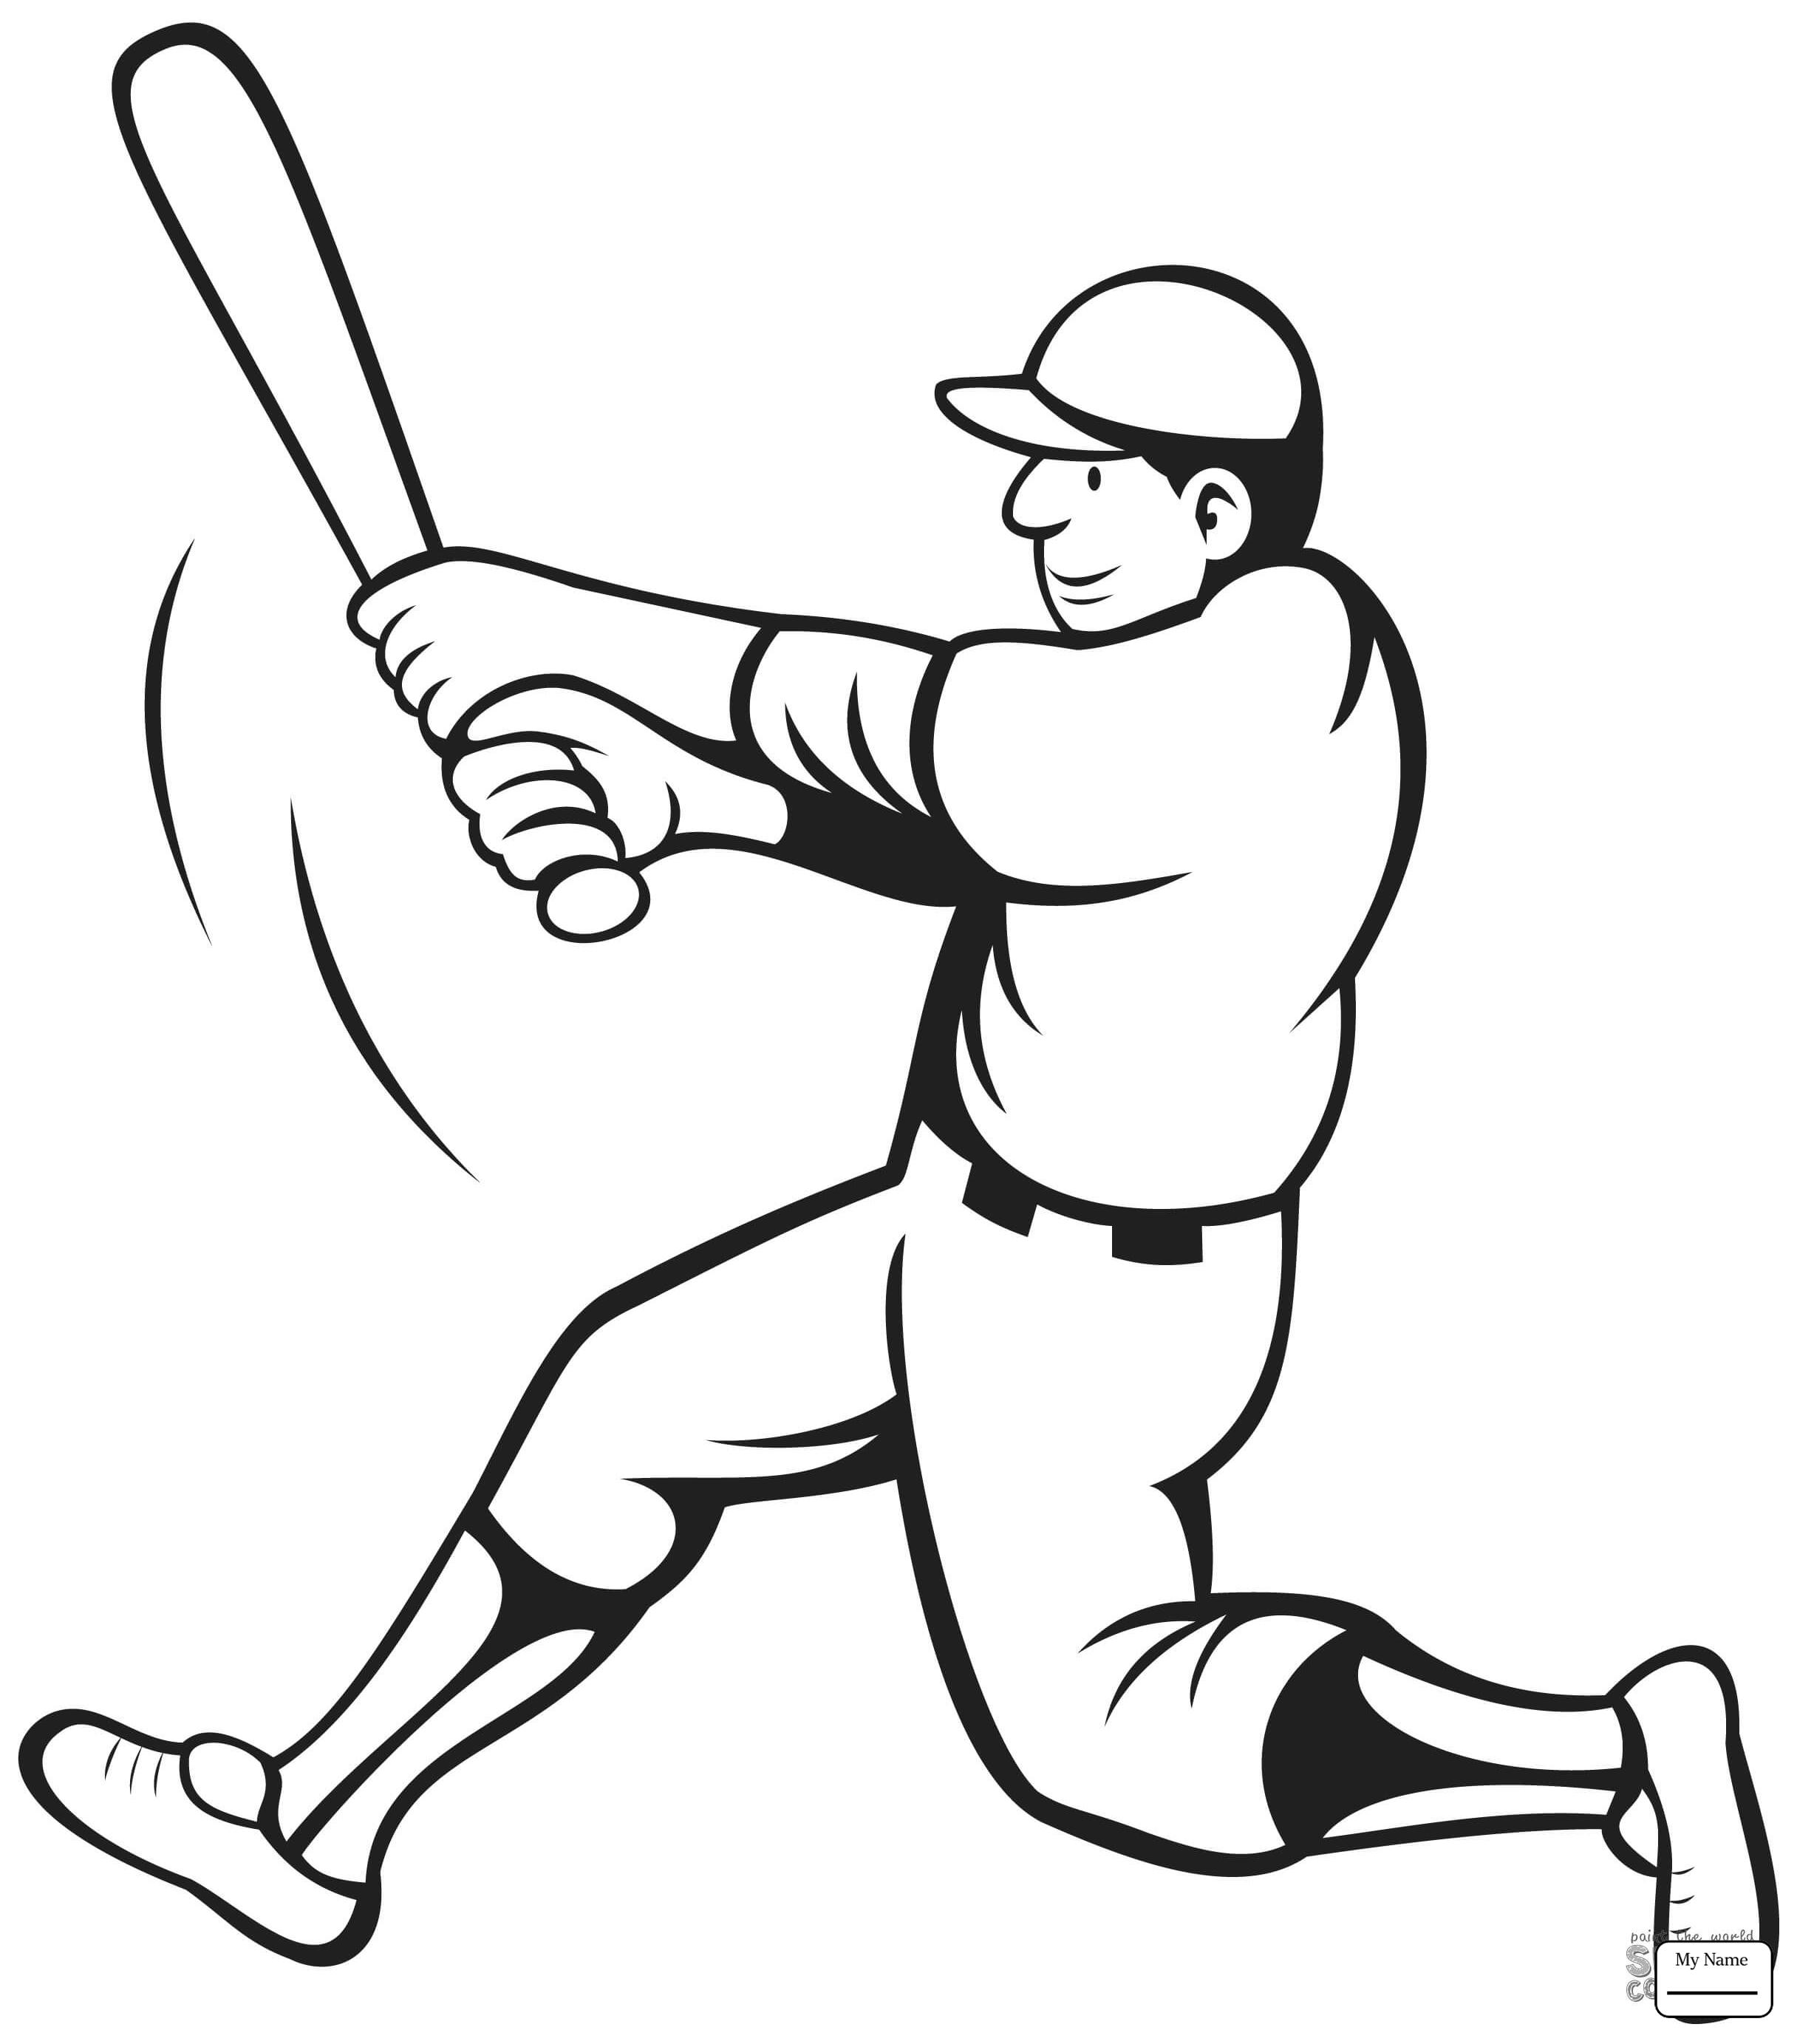 Bat And Ball Drawing At Getdrawings